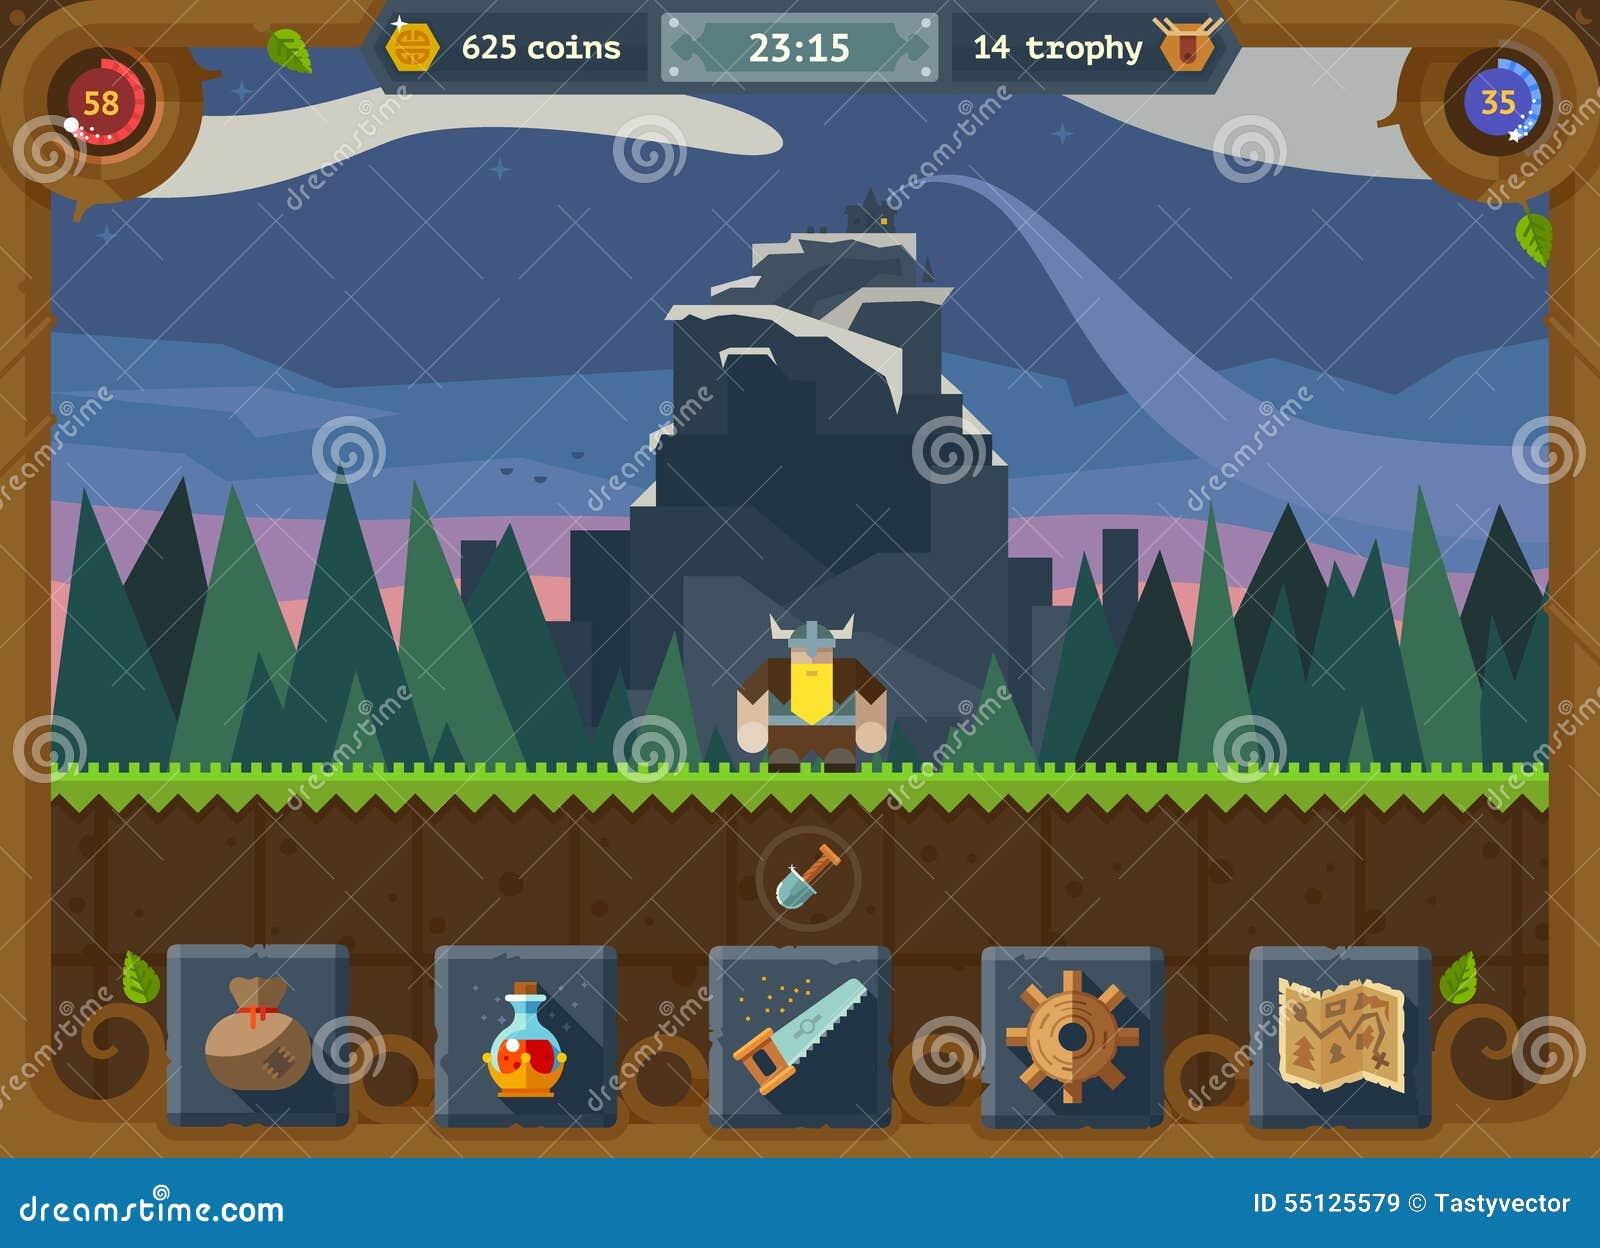 Interfejs użytkownika dla gry